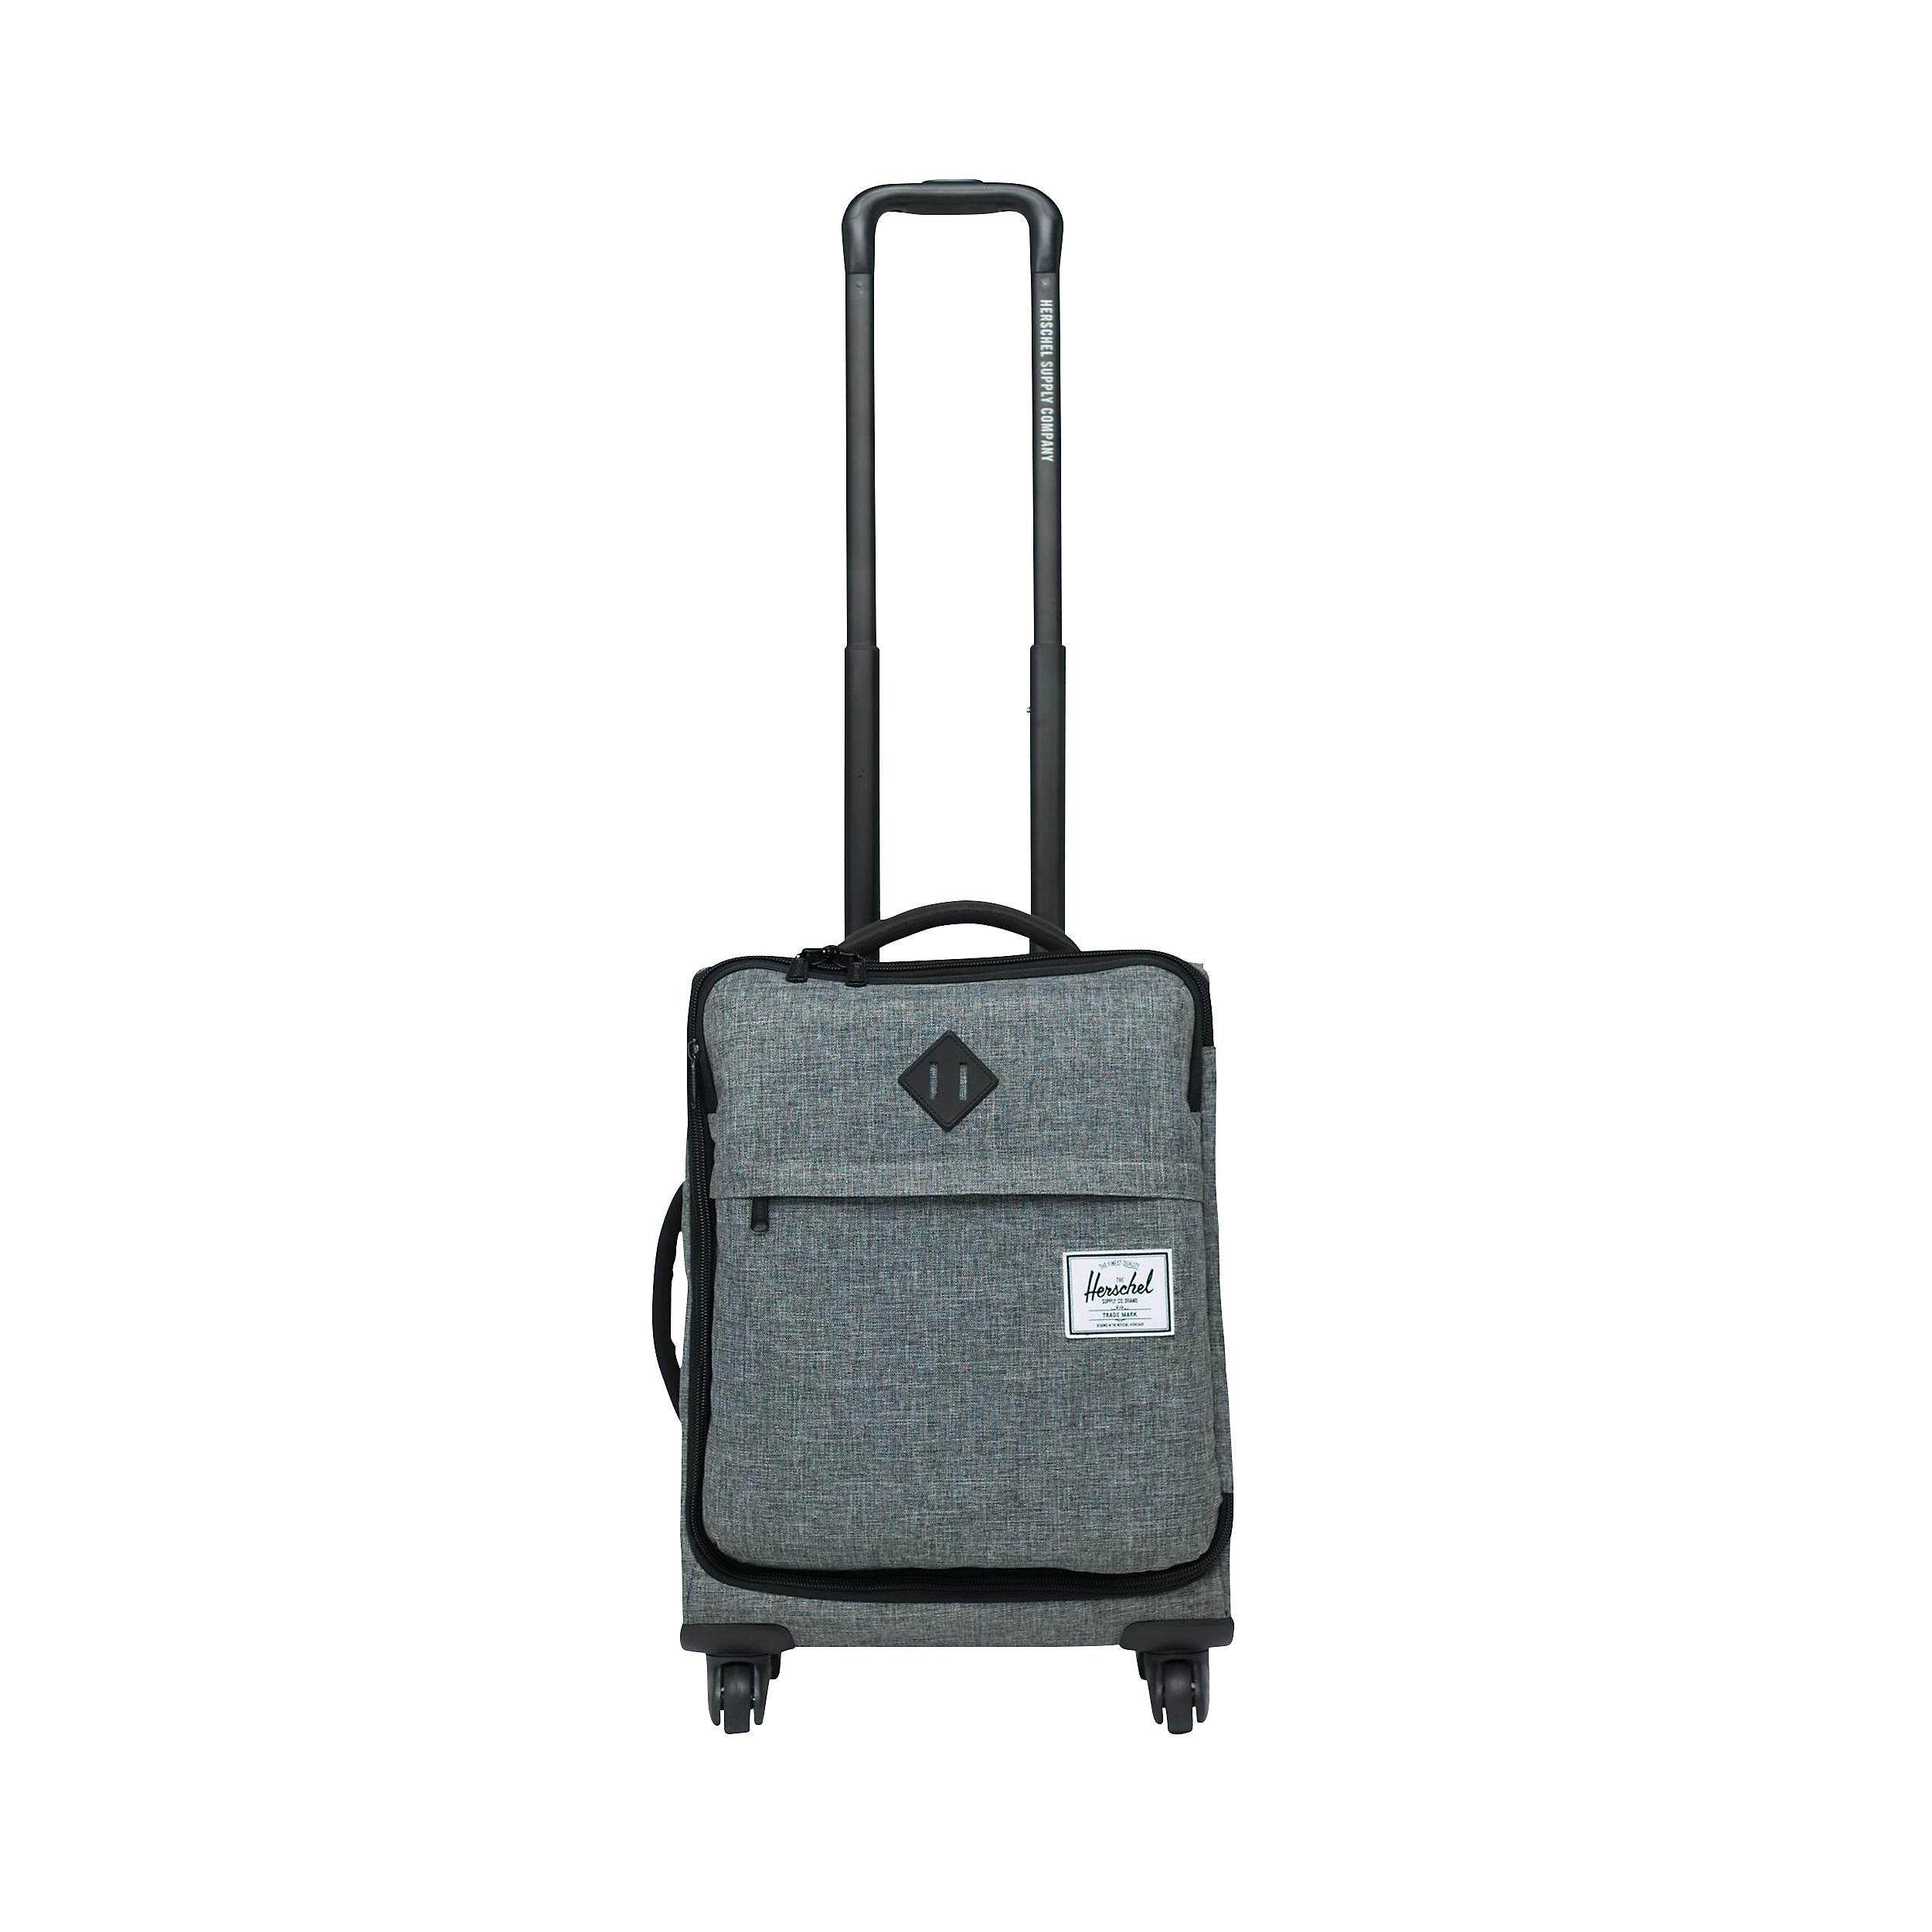 Handgepäcktrolley mit 4 Rollen Highland Carry-on 54,5 cm Herschel Travel XS 30 Liter